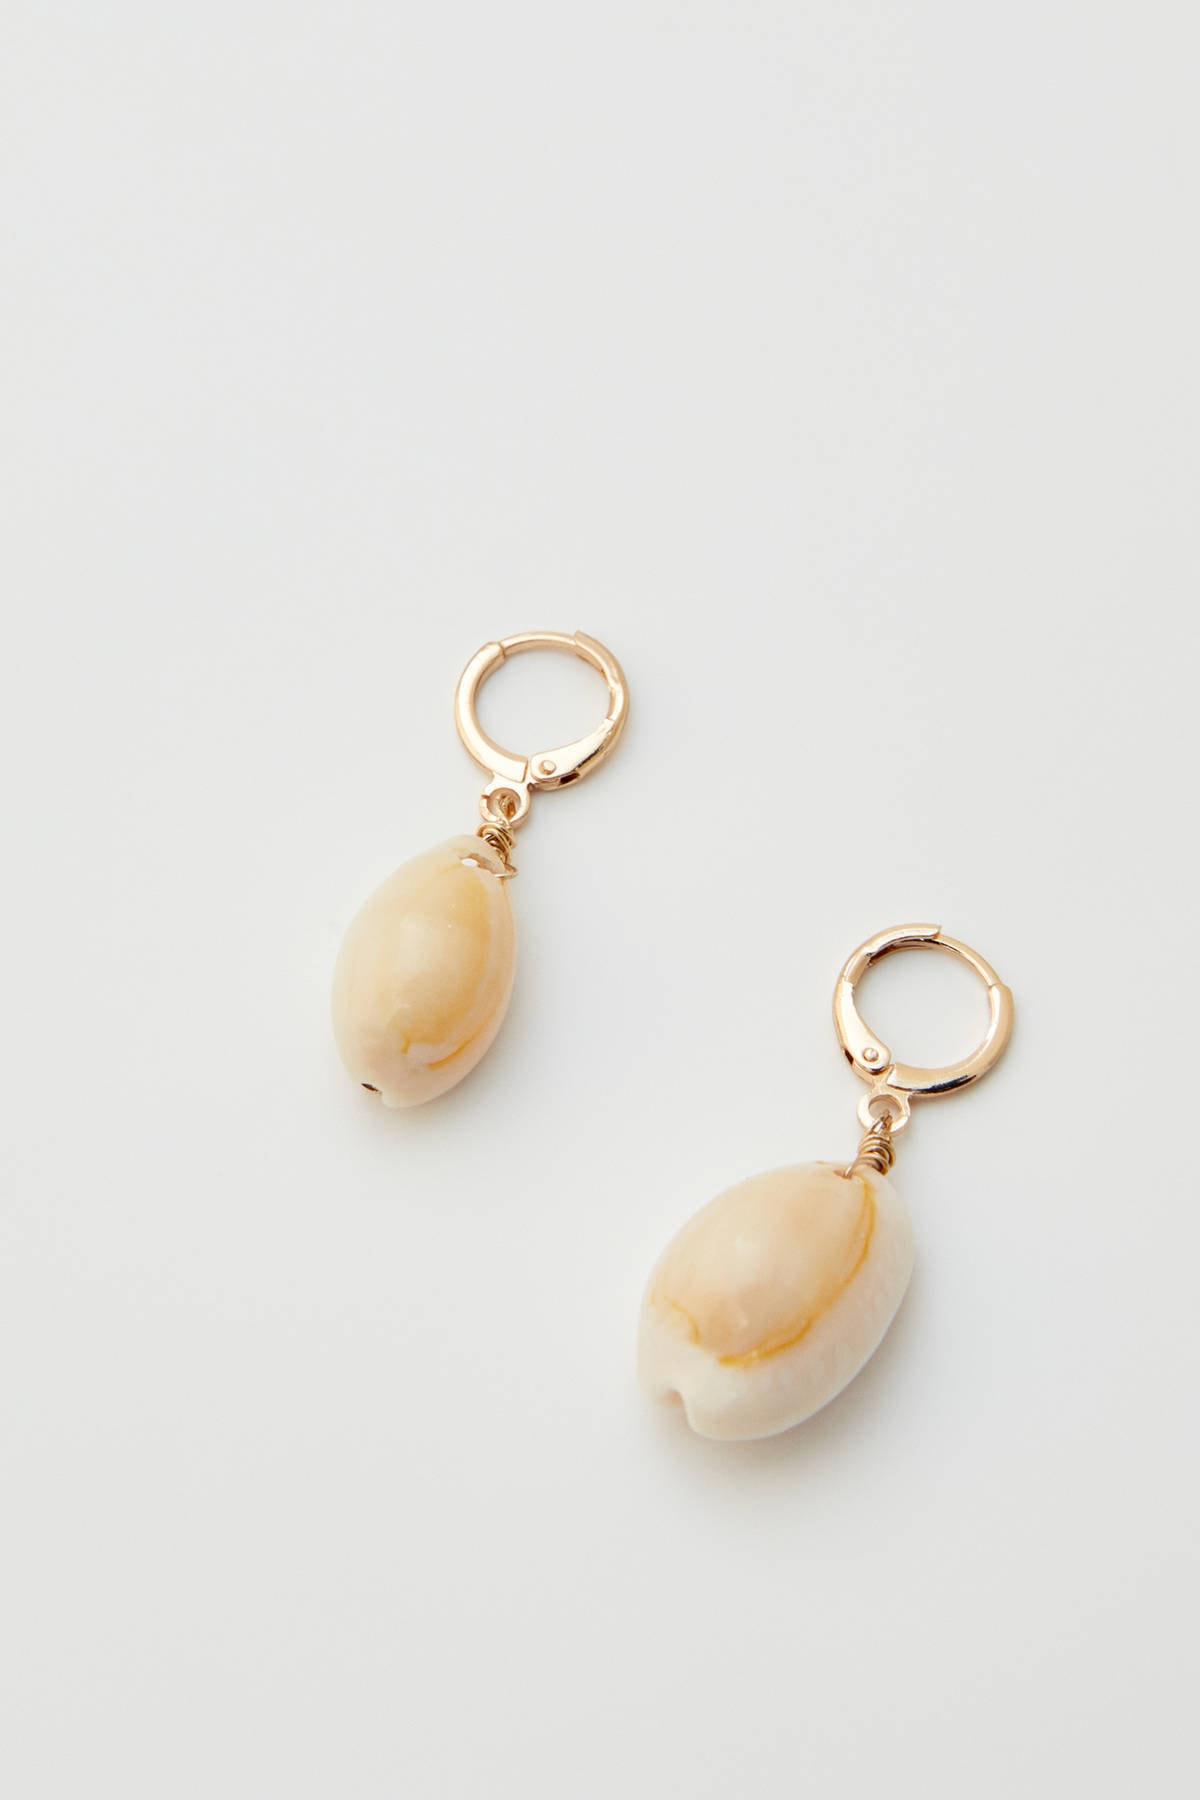 Pull & Bear Kadın Altın Rengi Çok Renkli Parlak Taşlı Deniz Kabuğu Küpe 09996315 3